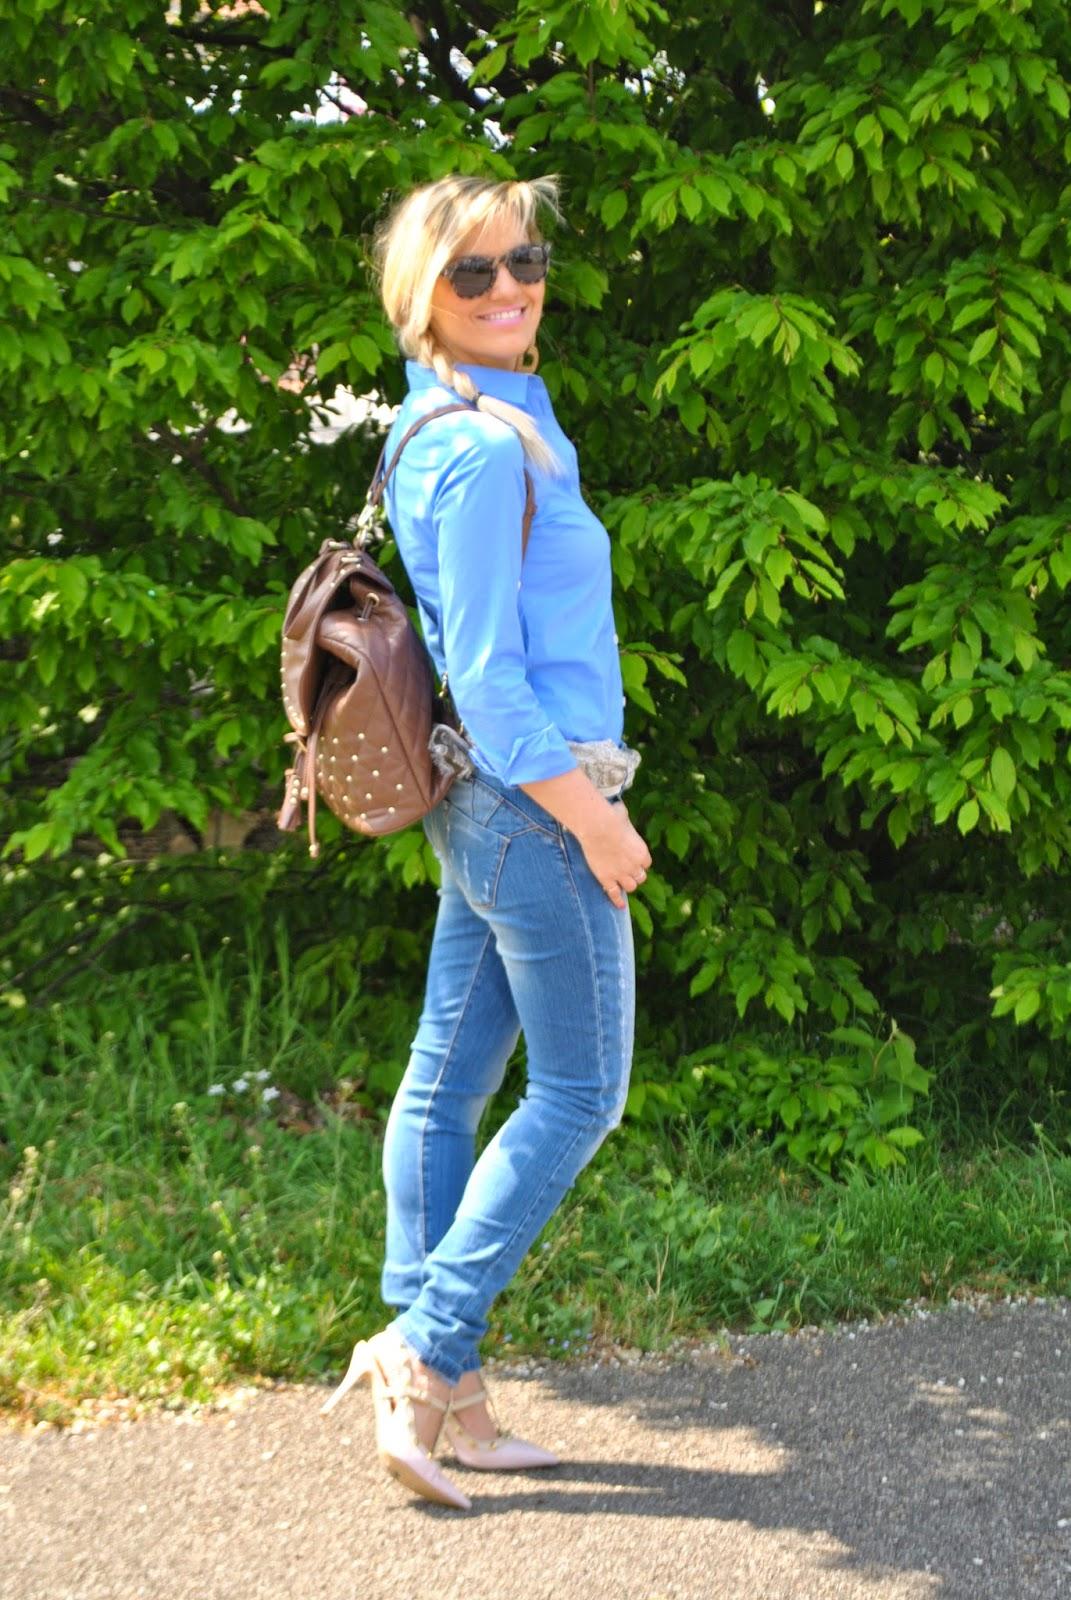 outfit zainetto fornarina outfit camicia blu come abbinare la camicia azzurra outfit jeans e tacchi foulard fattori abbigliamento mariafelicia magno fashion blogger colorblock by felym outfit aprile 2015 outfit primaverili donna spring outfit fashion bloggers italy fashion blogger italiane blog di moda ragazze bionde milano capelli biondi blondie blonde hair